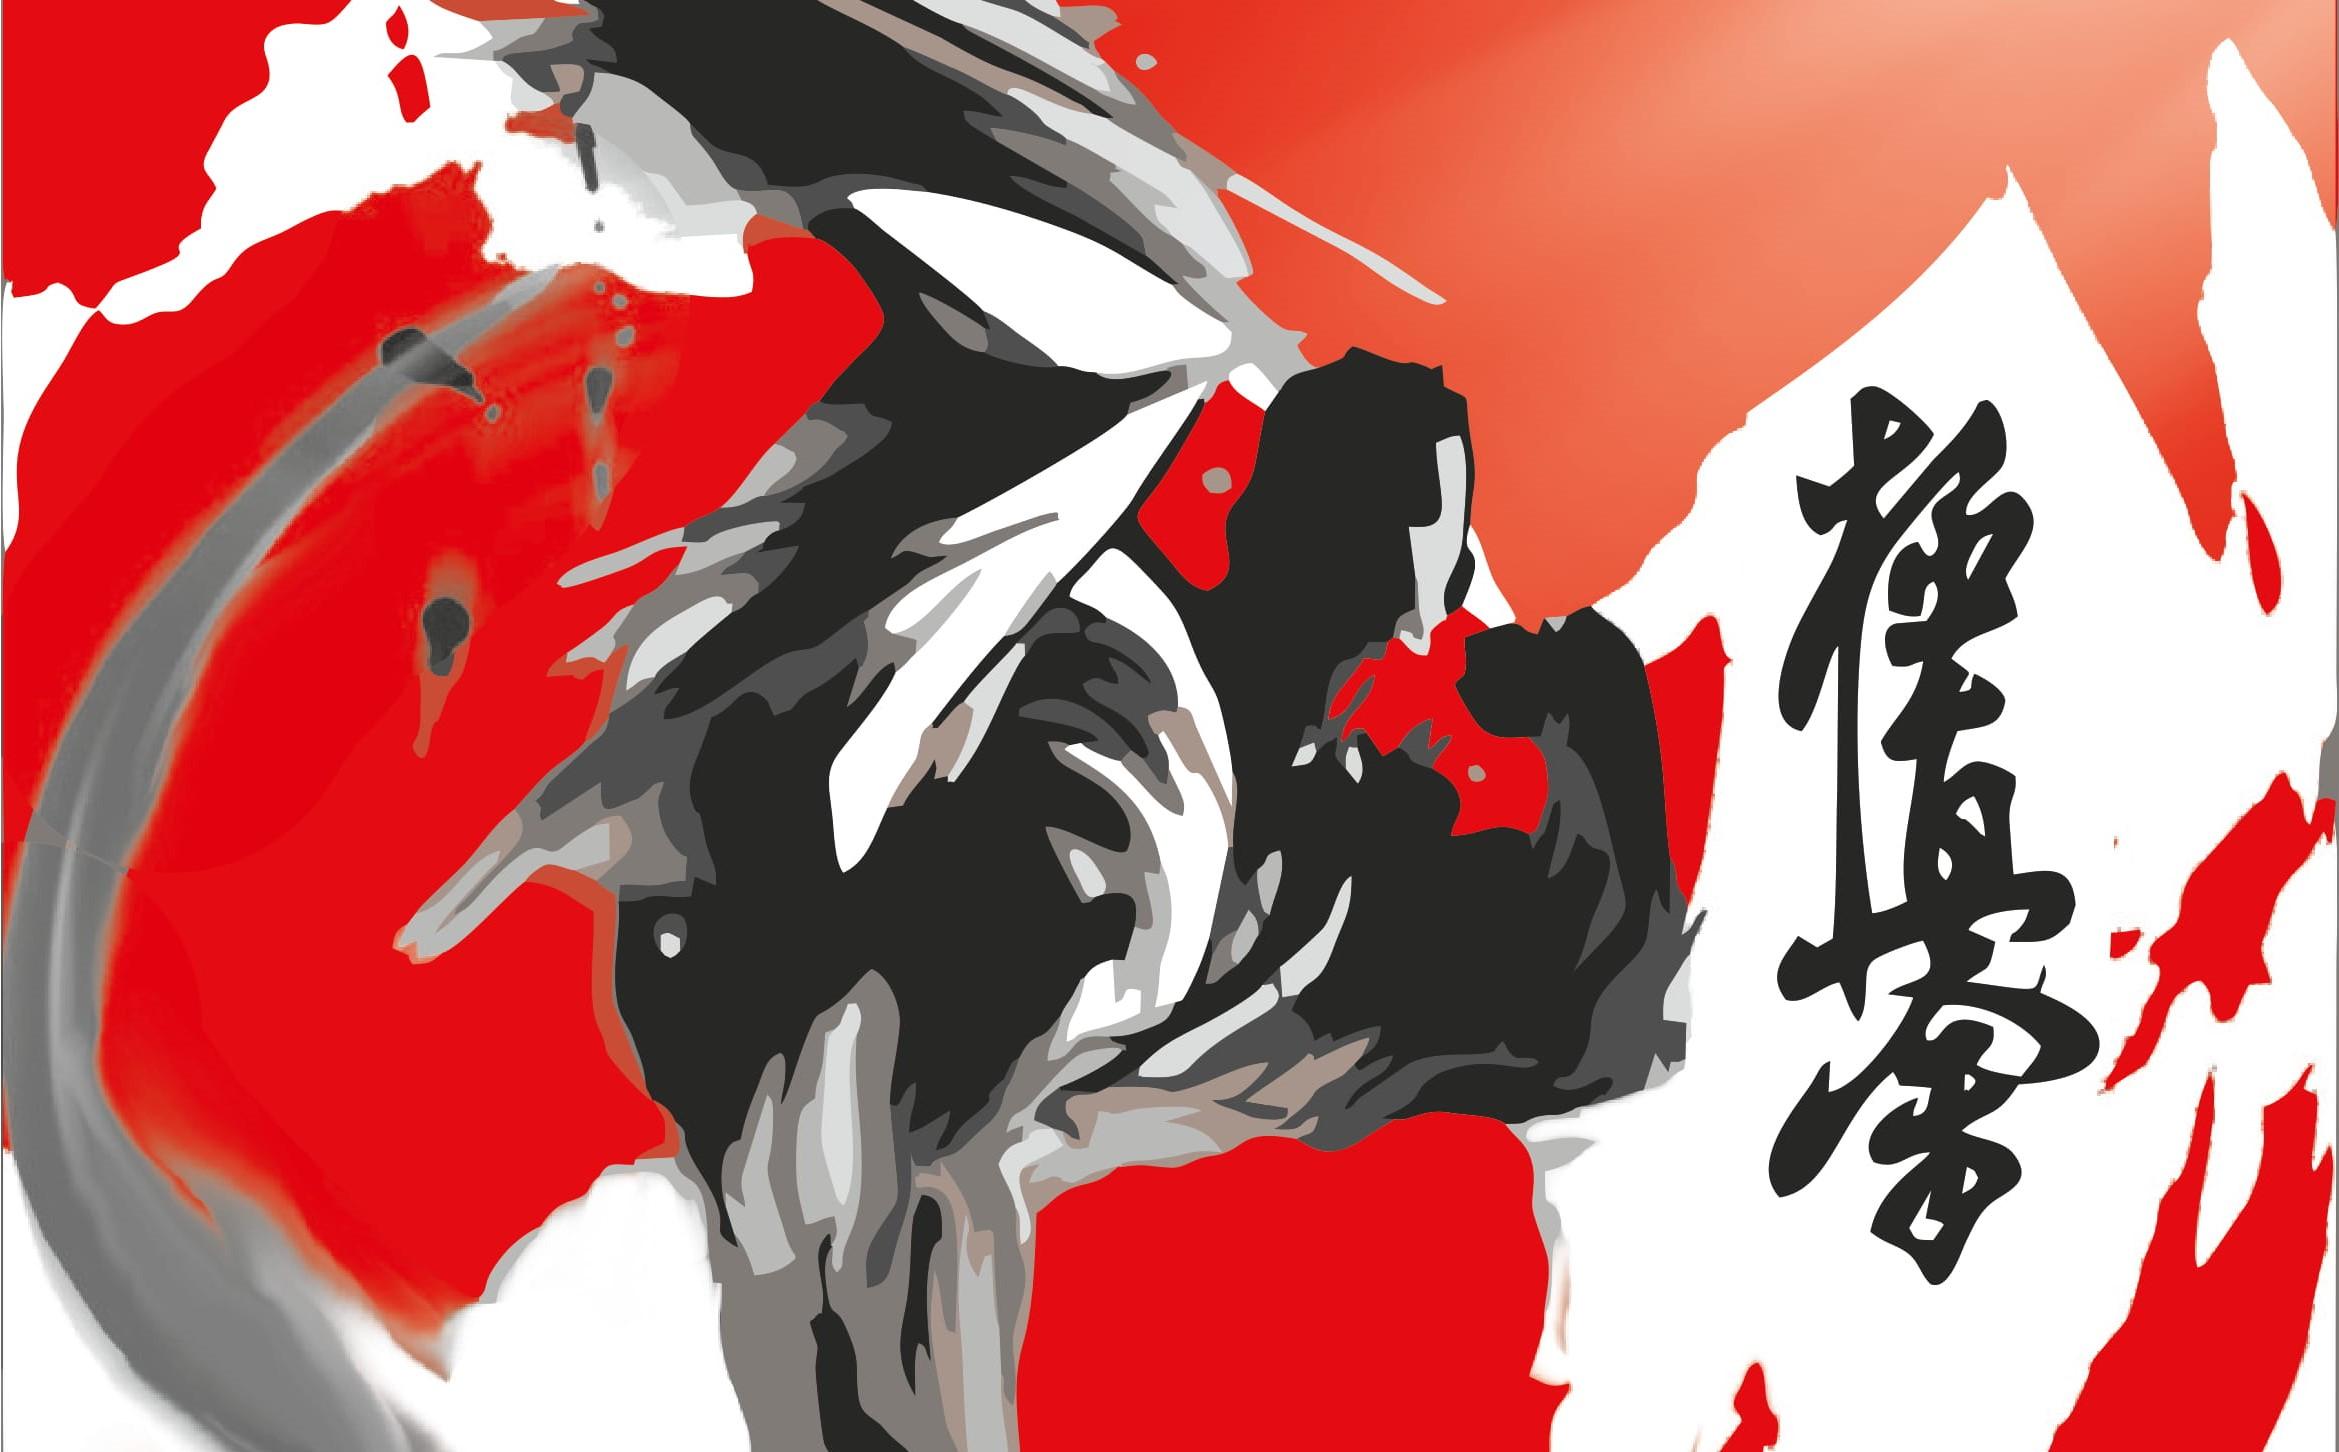 Mistrzostwa Karate Kyokushin